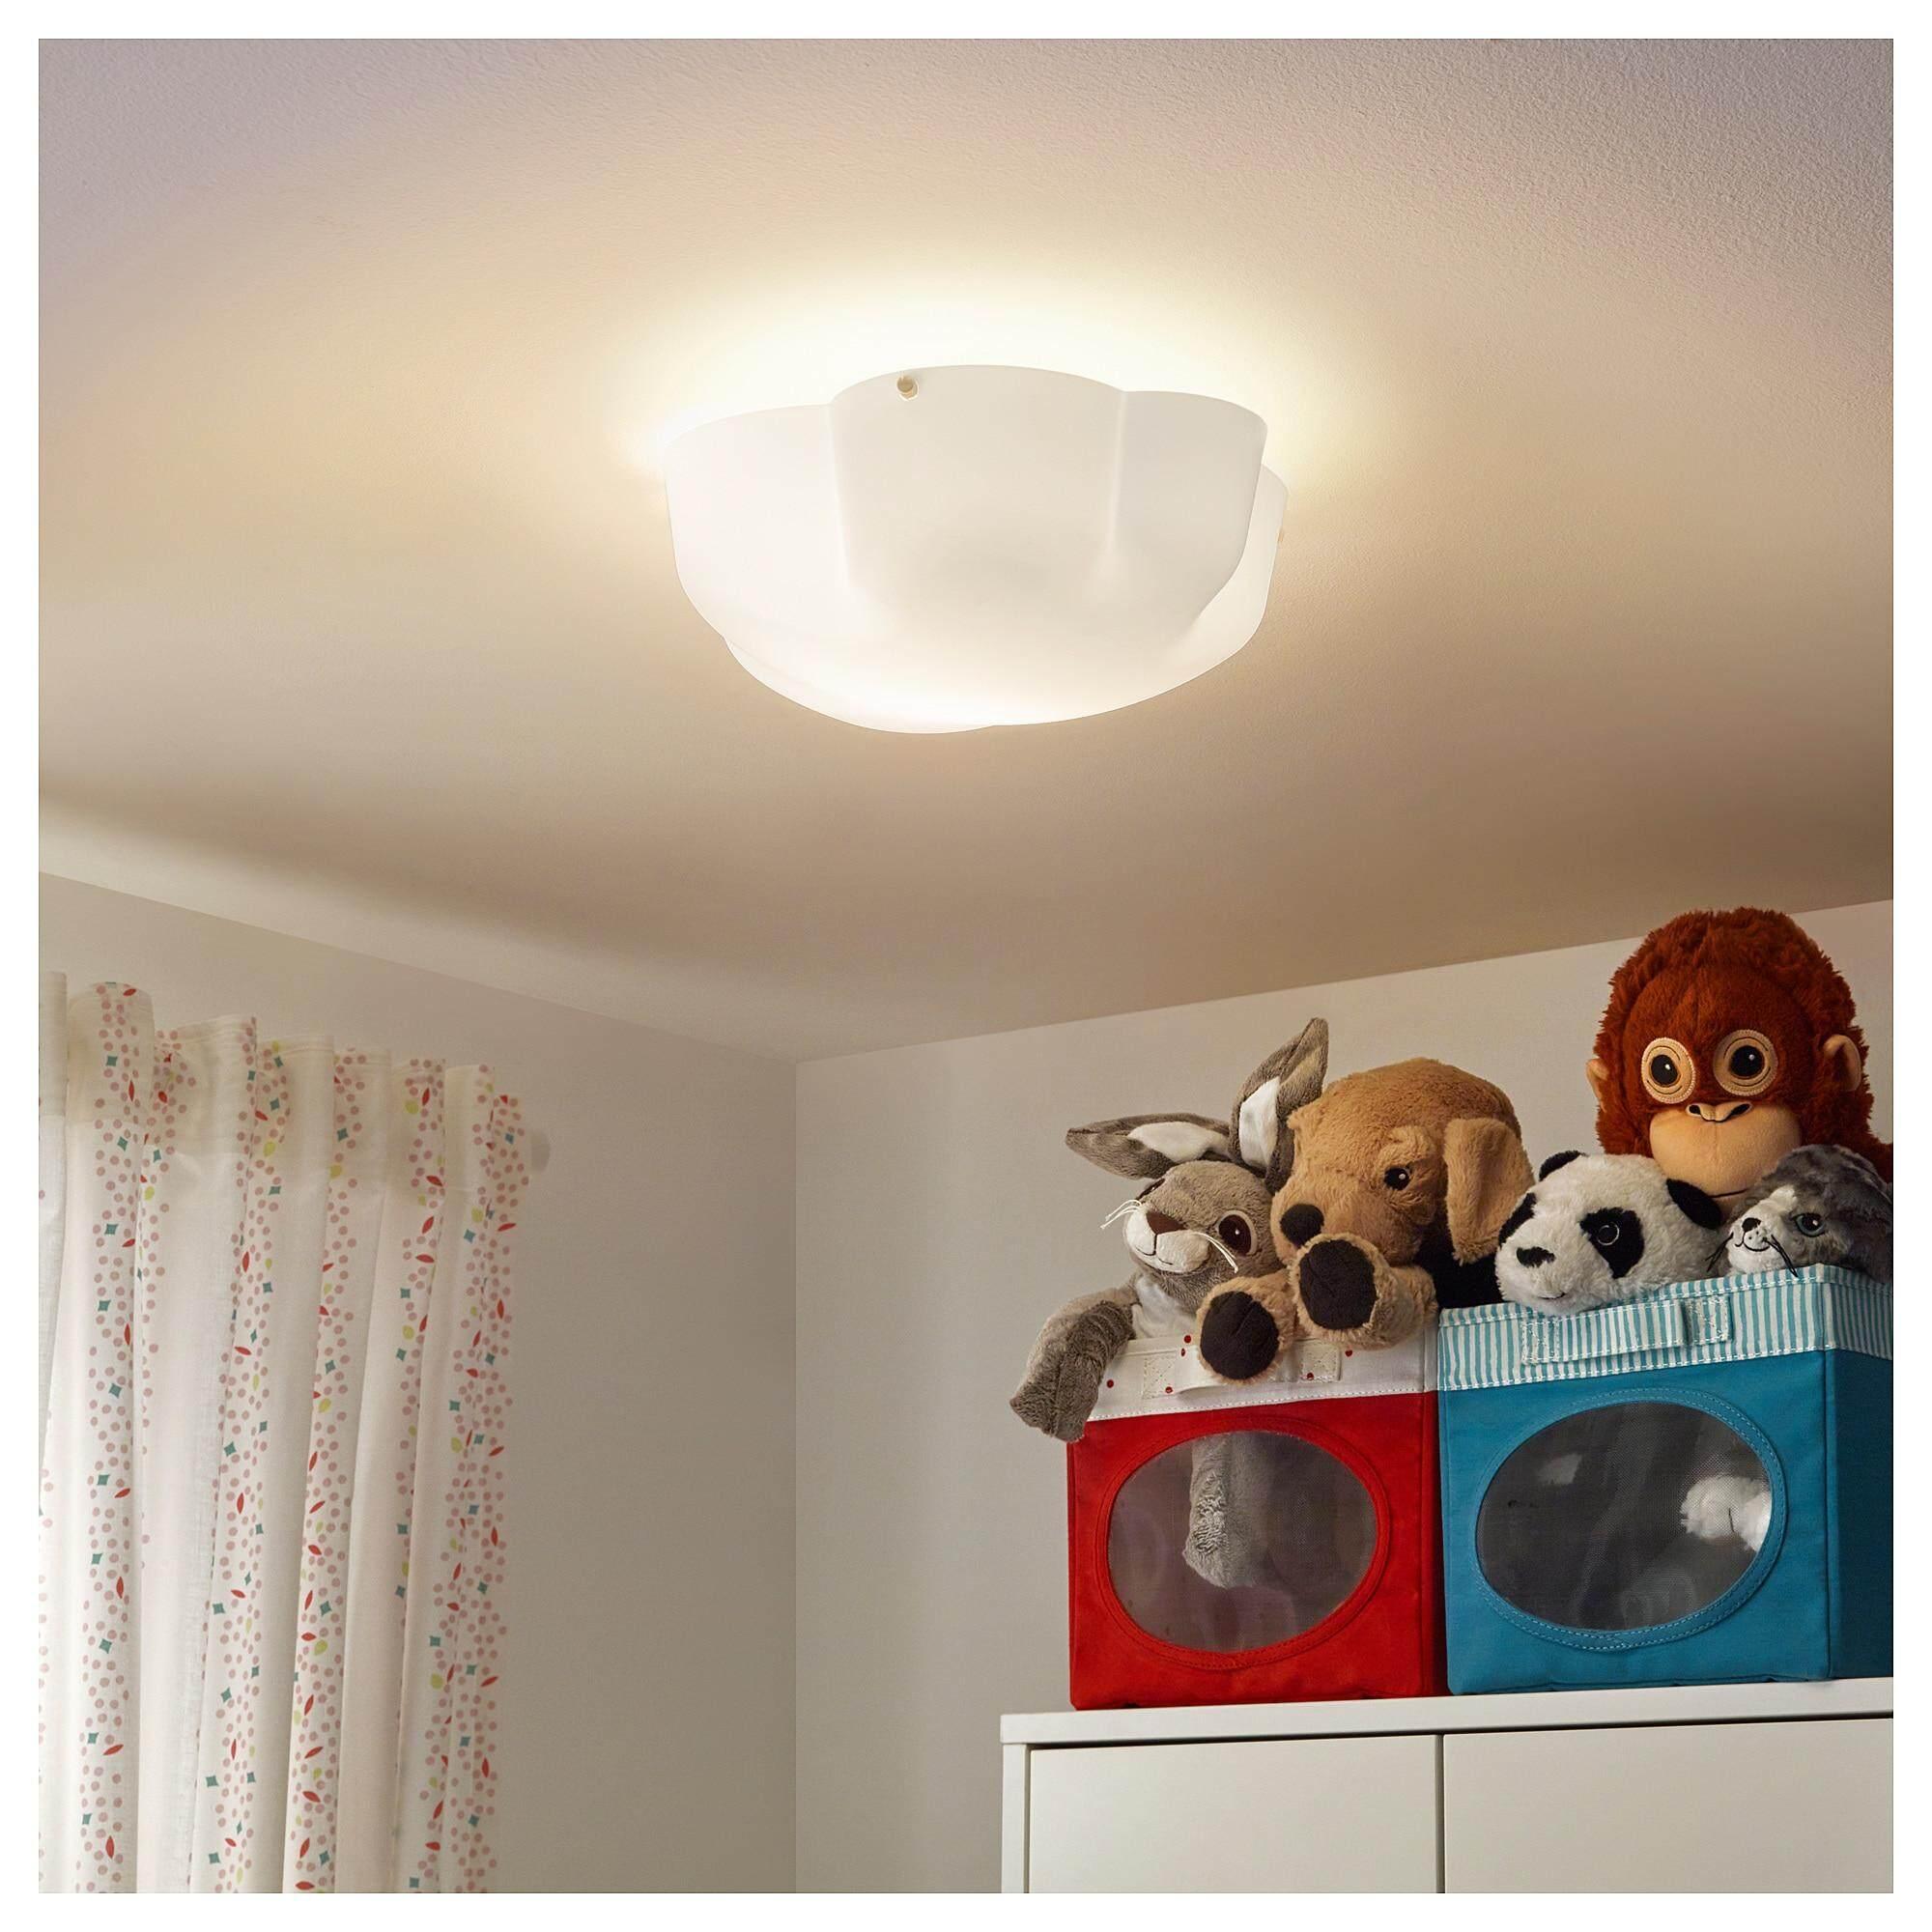 ราคาพิเศษ Yllesta อีลเลสตา โคมเพดาน โคมไฟให้แสงสว่างที่กระจายทั่วพื้นที่ ประกอบและใช้งานง่าย ทั้งยังสะดวกต่อการทำความสะอาดผ่านการทดสอบและรับรองว่าเด็กๆ สามารถใช้ได้ By W.r Shop.